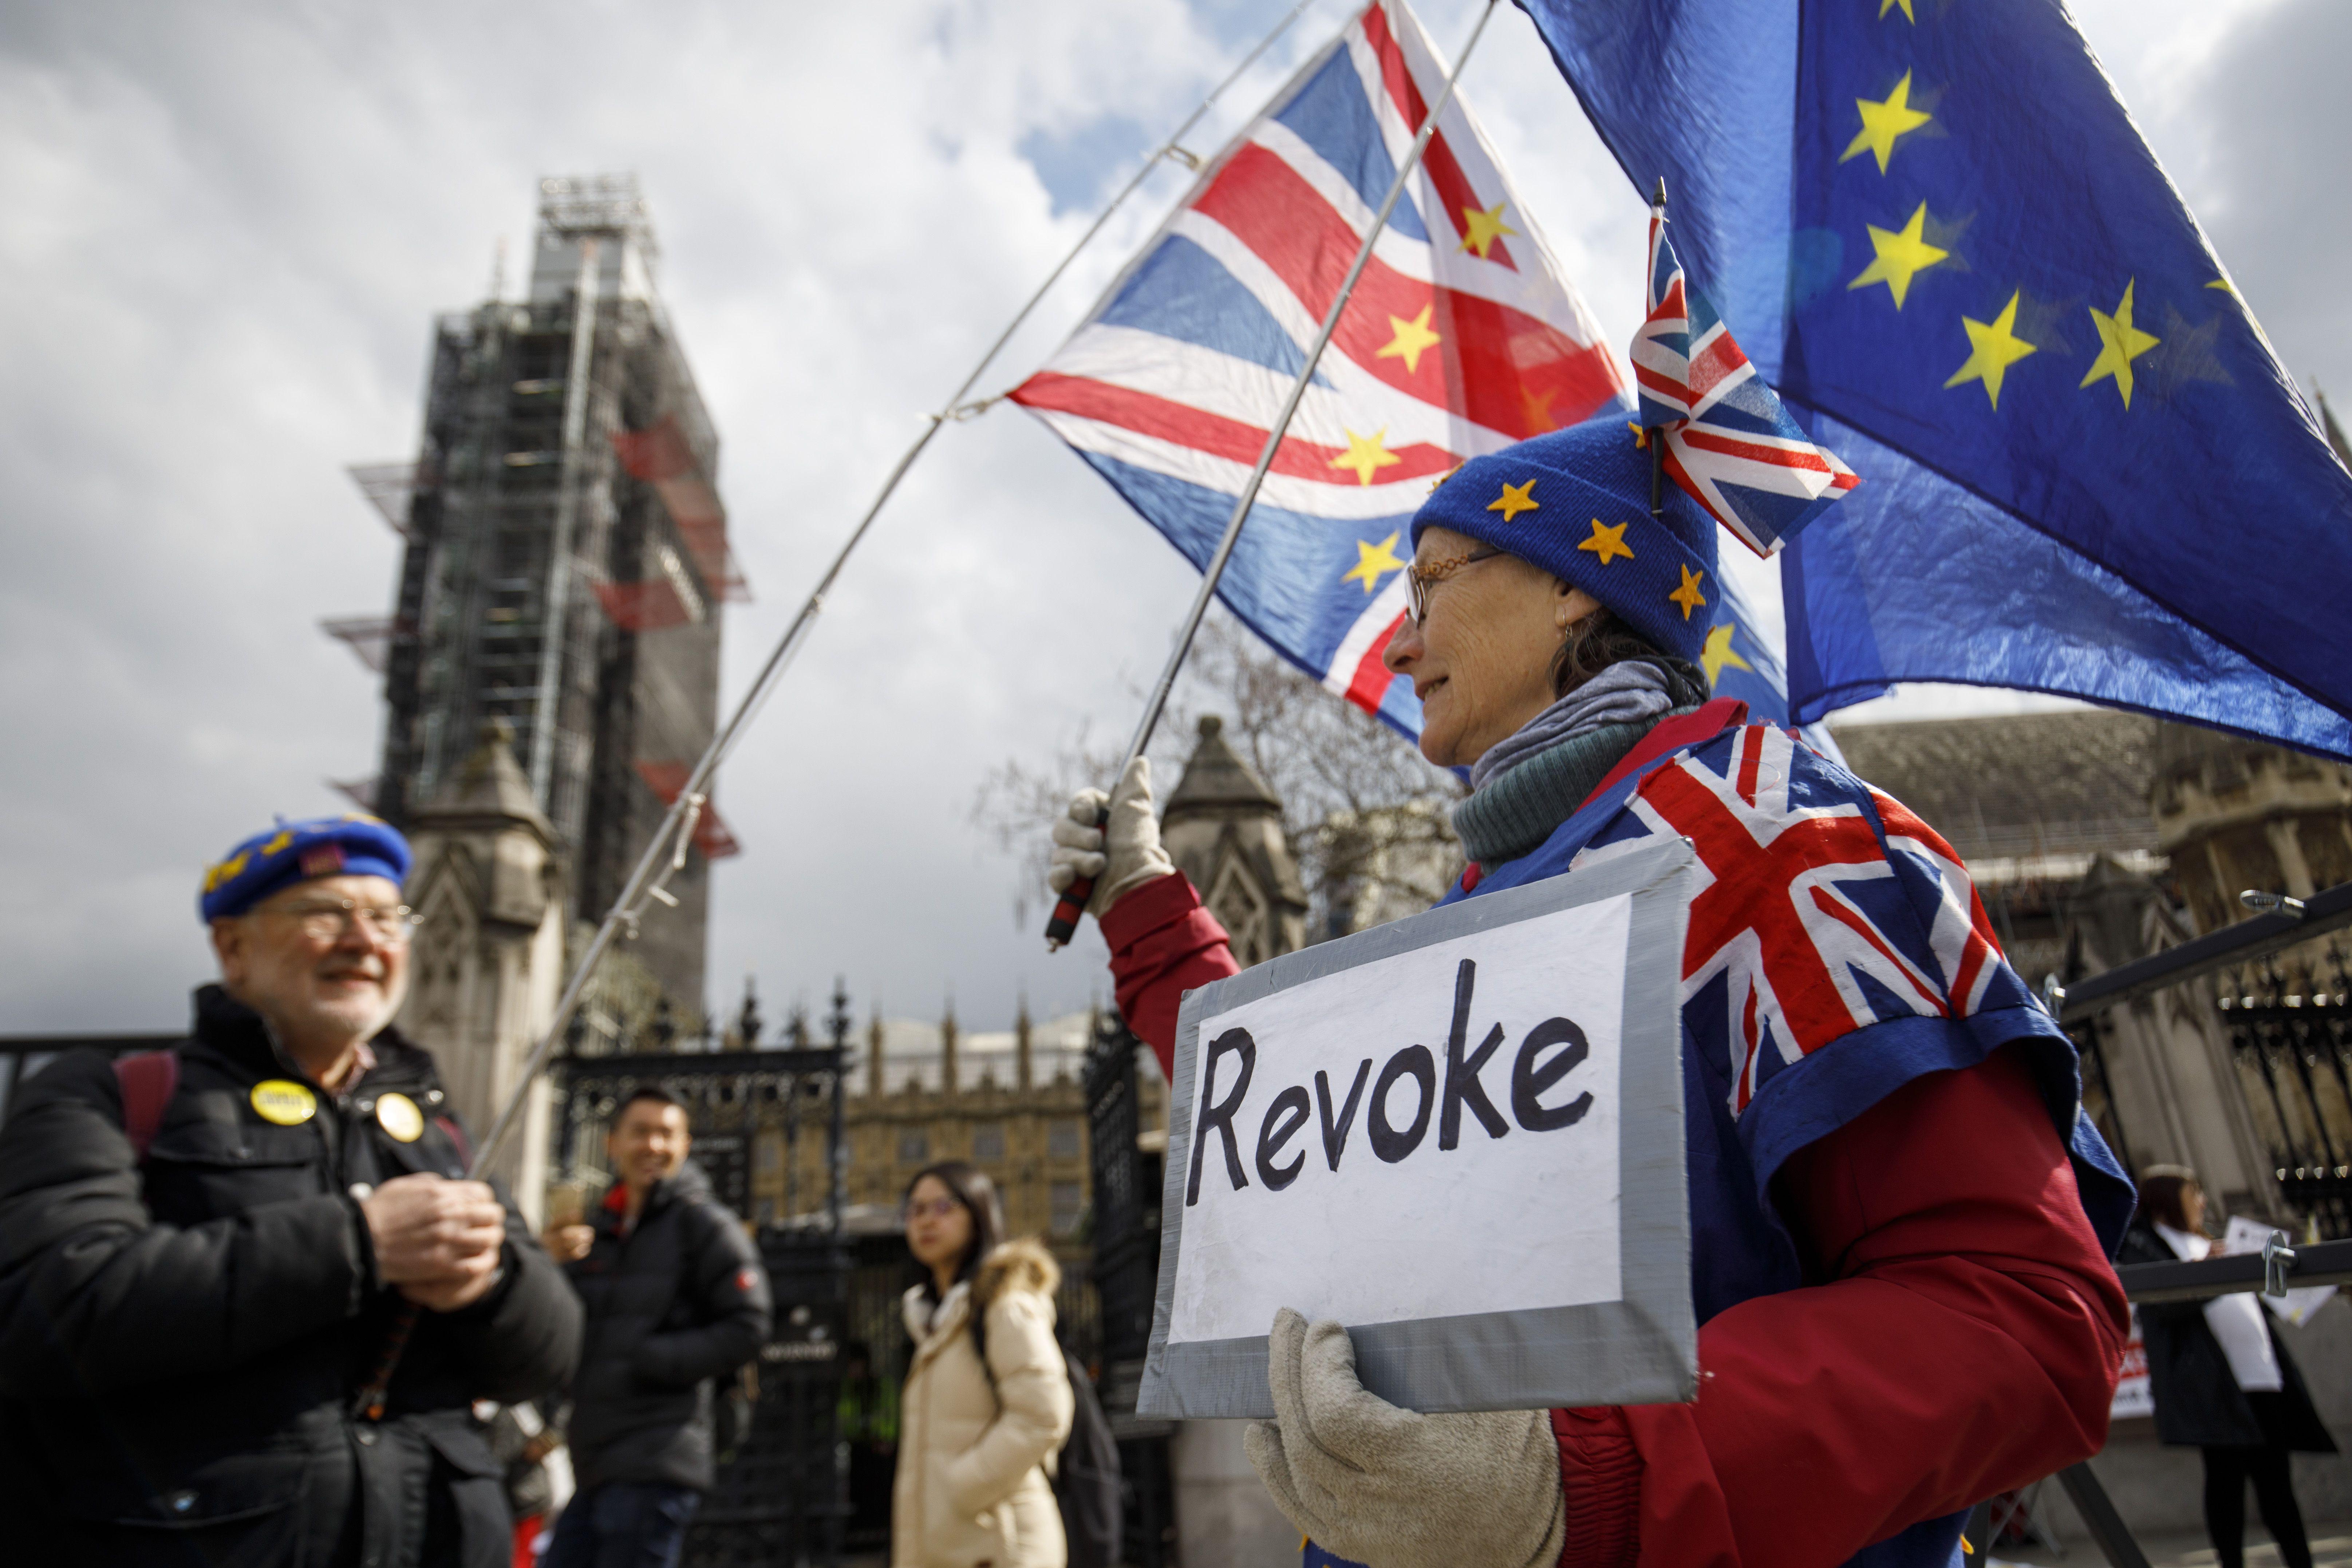 無協議脫歐風險大 英首相尋求與工黨合作